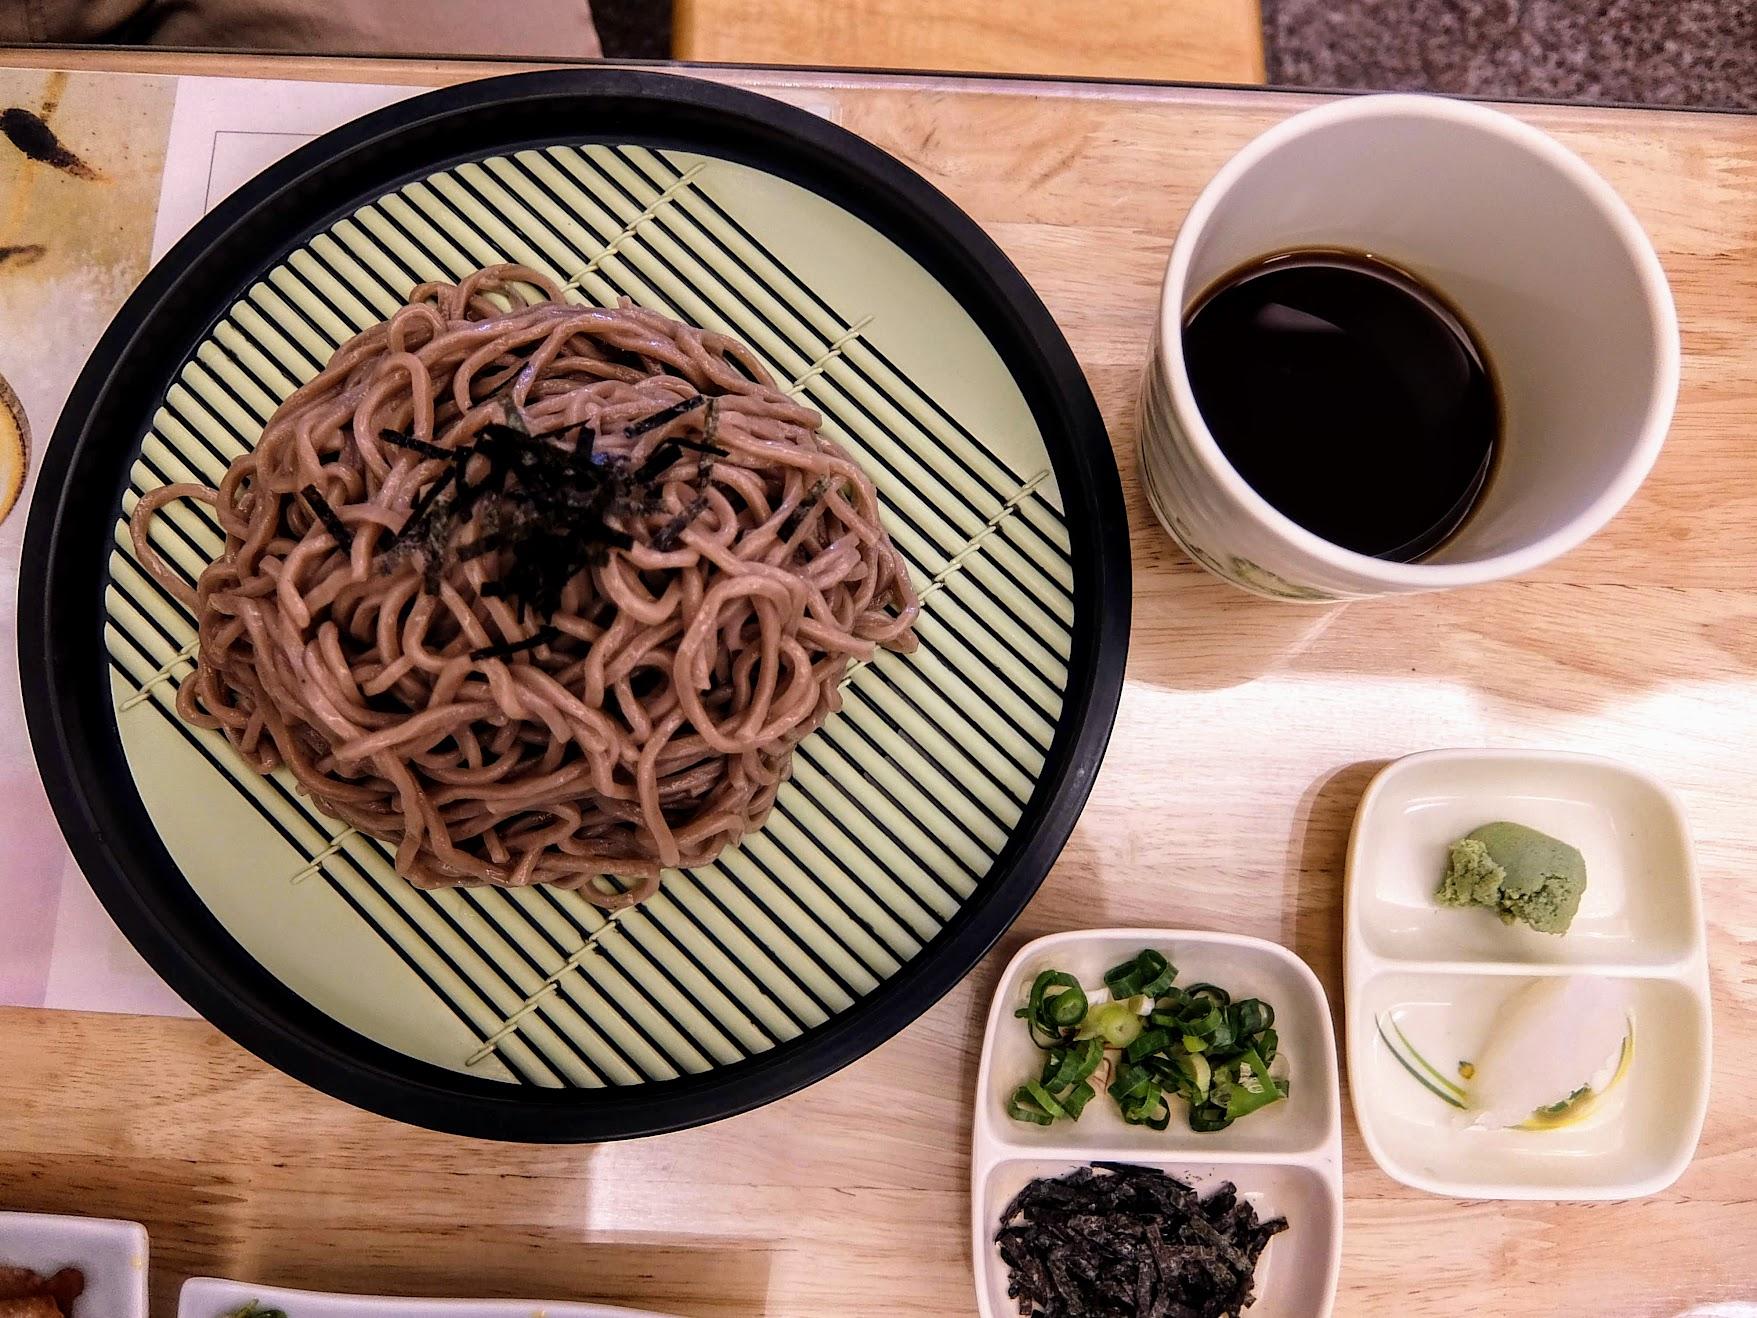 日式蕎麥麵,其實份量還蠻夠的喔